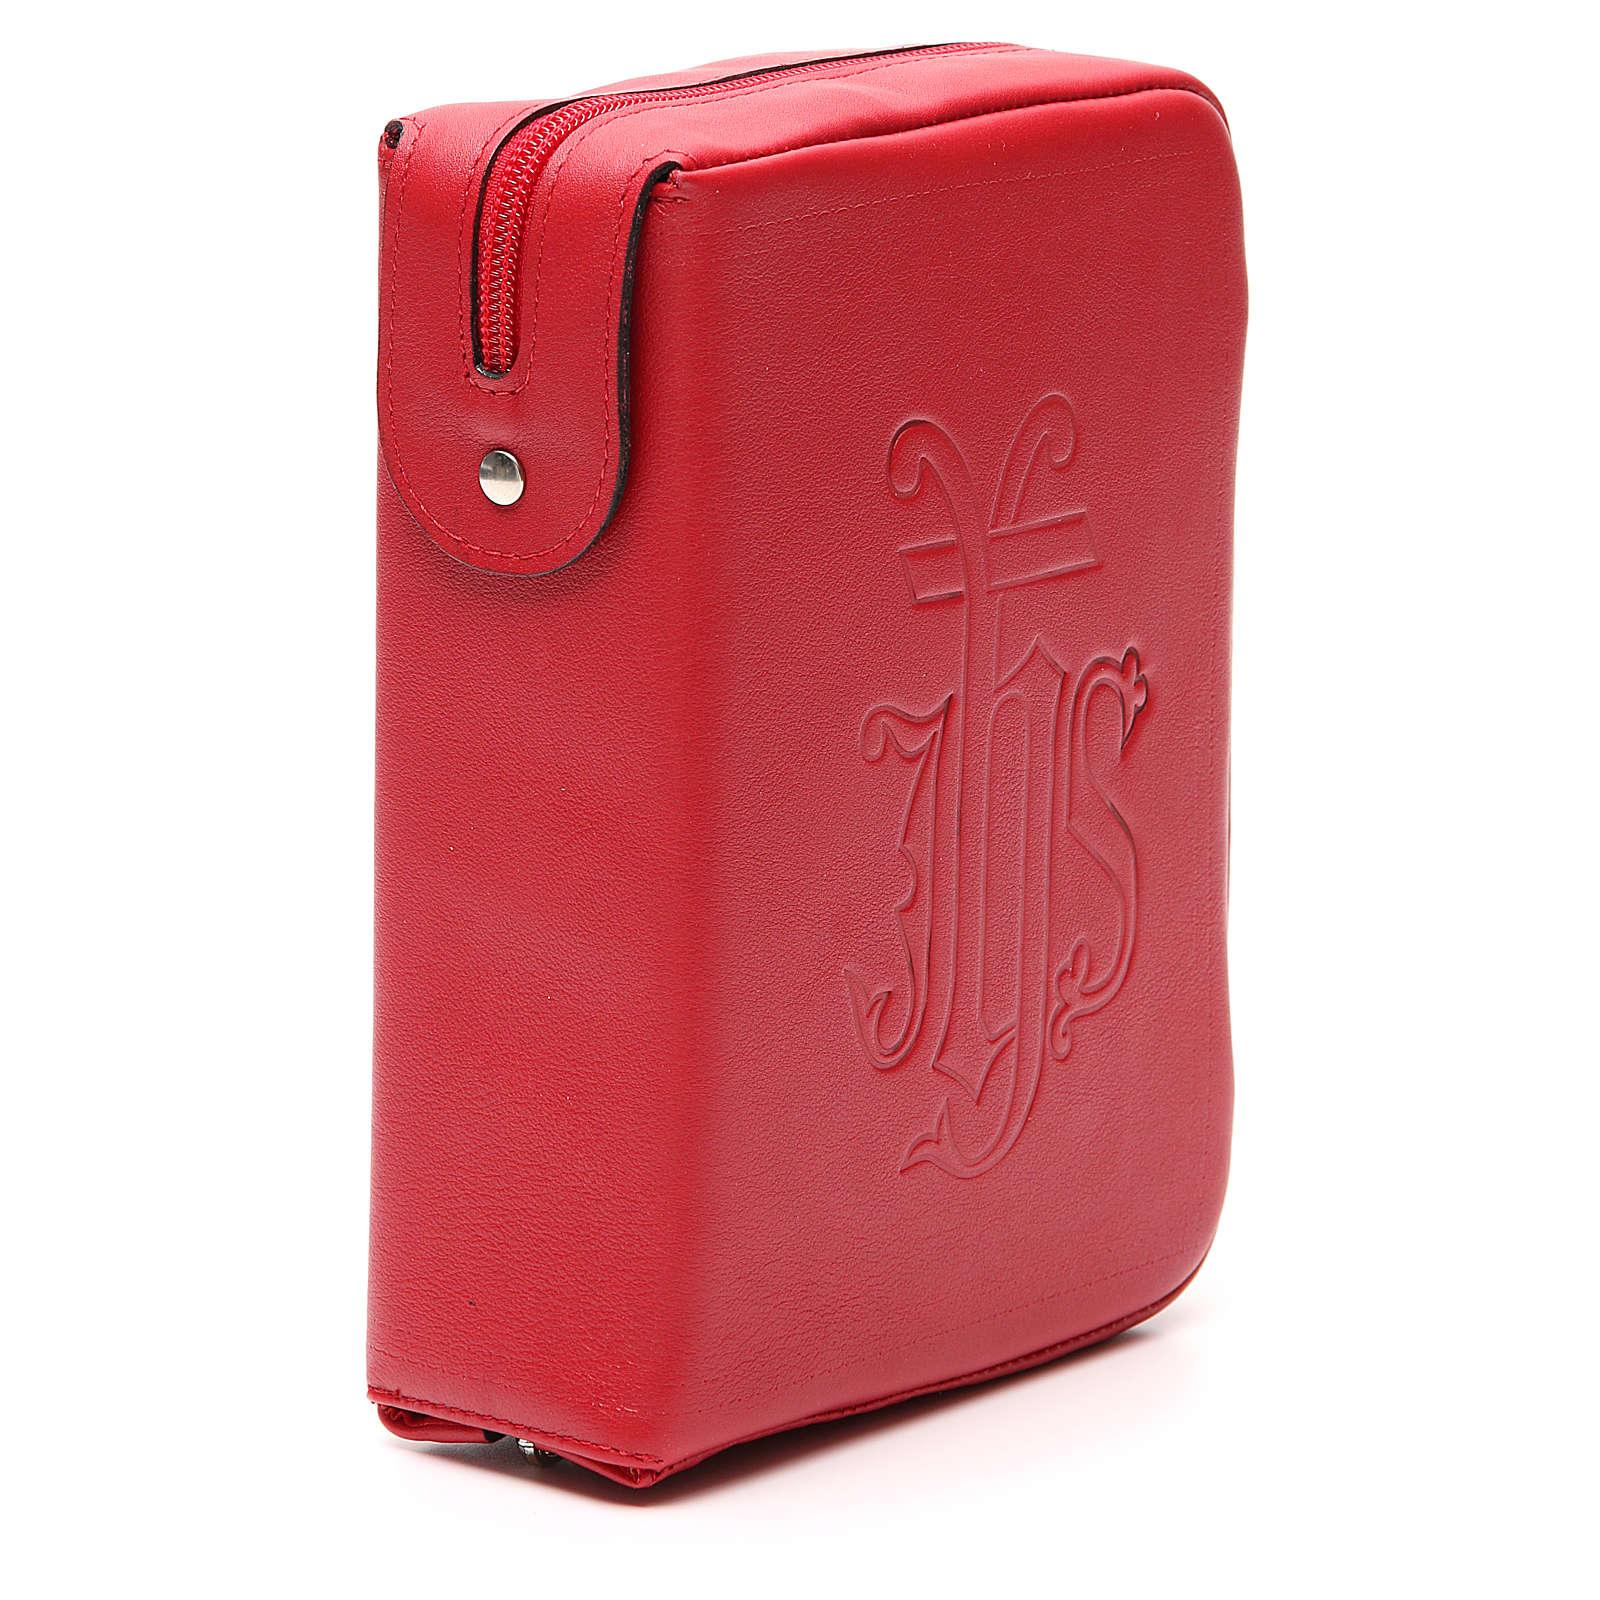 Copri Liturgia delle Ore 4 vol. IHS impresso pelle rossa zip 4